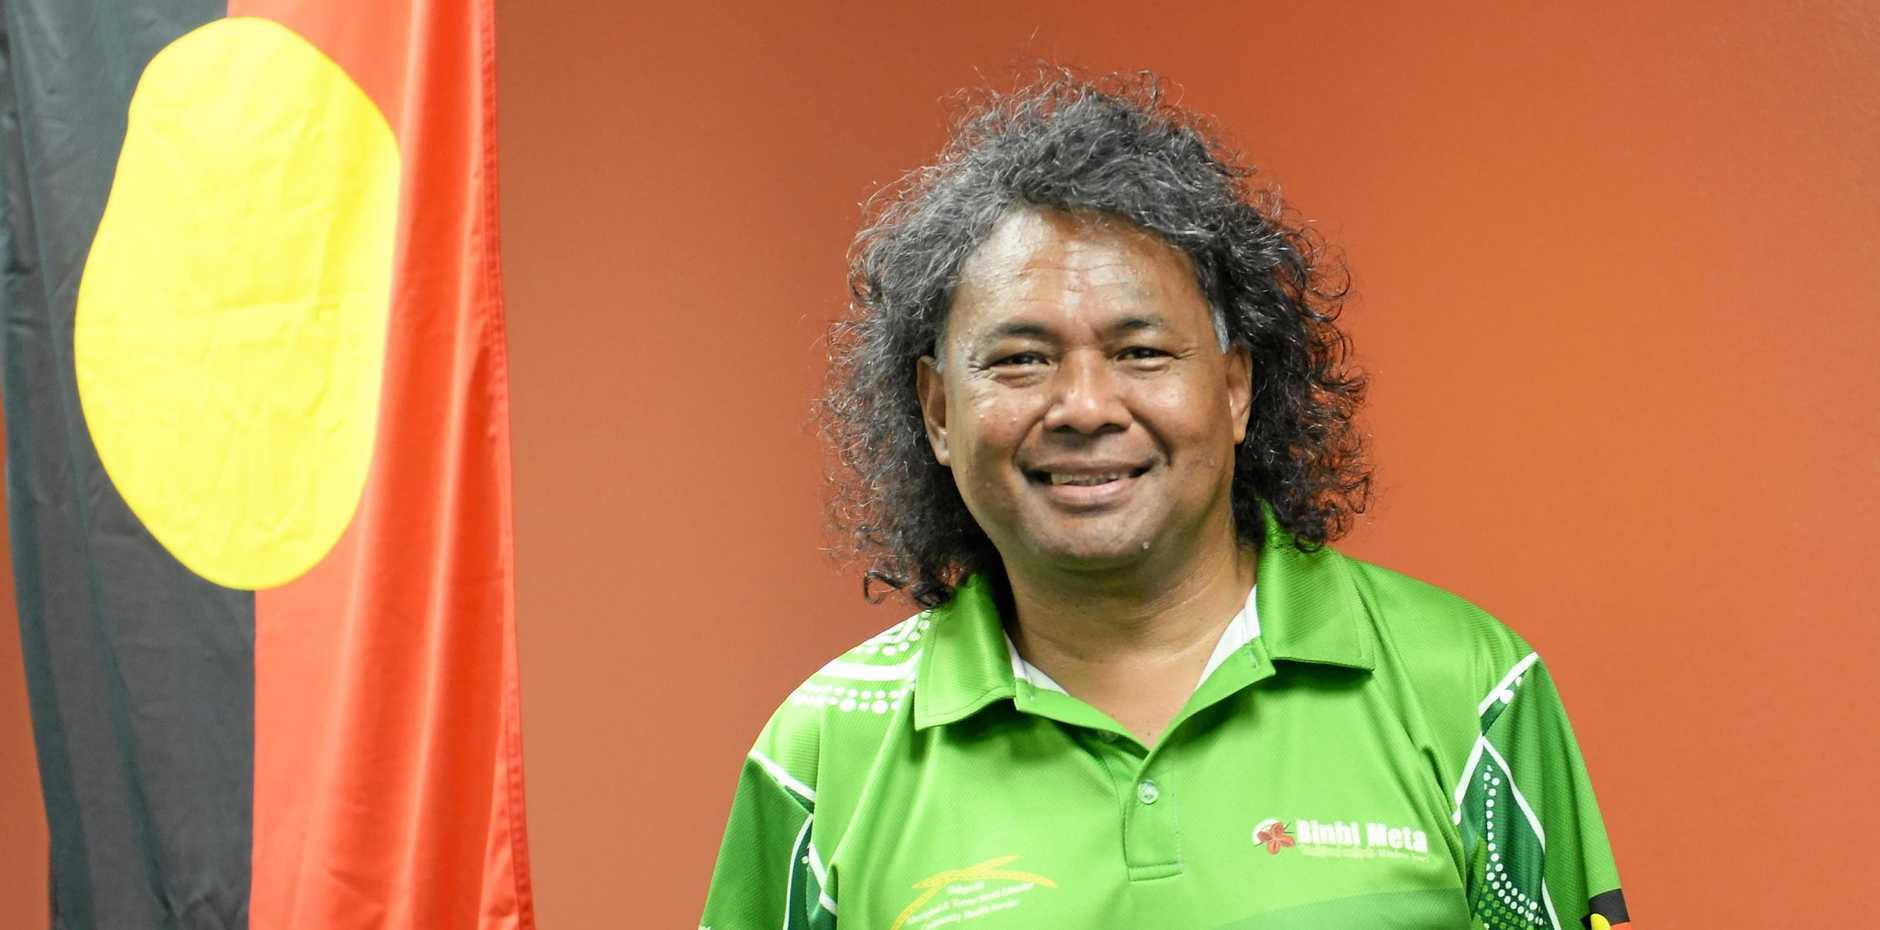 CEO of Bidgerdii Community Health Service Thelap Ahmat.